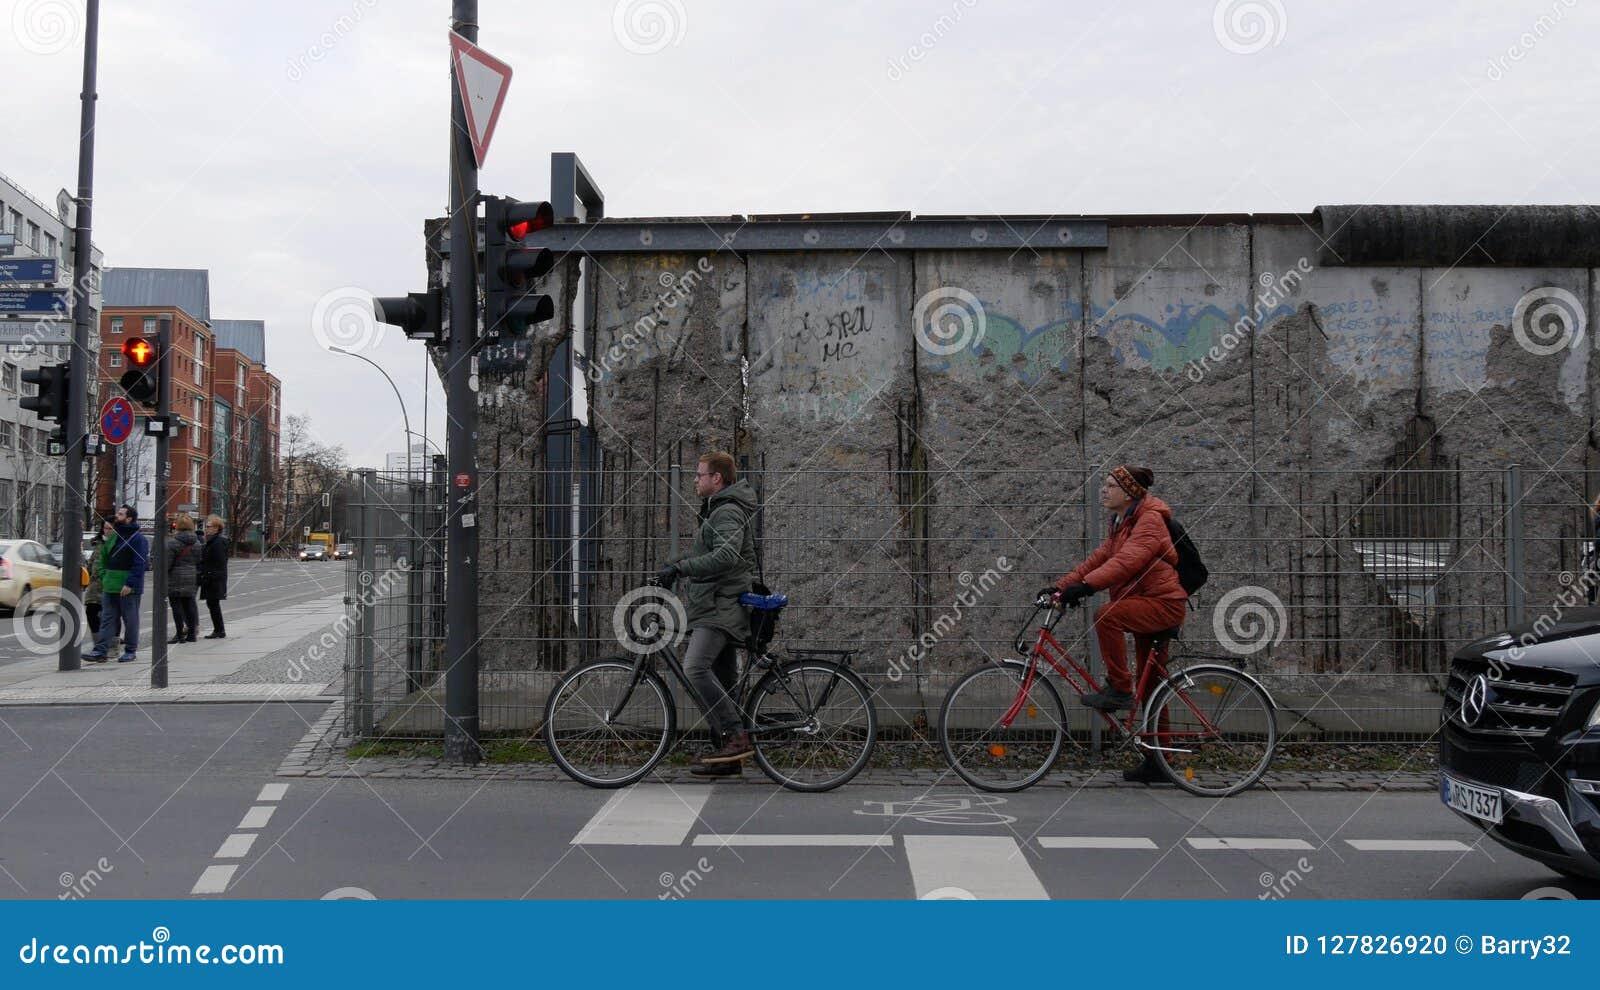 Обмылки Берлинской стены на Niederkirchnerstrasse около контрольно-пропускного пункта Чарли